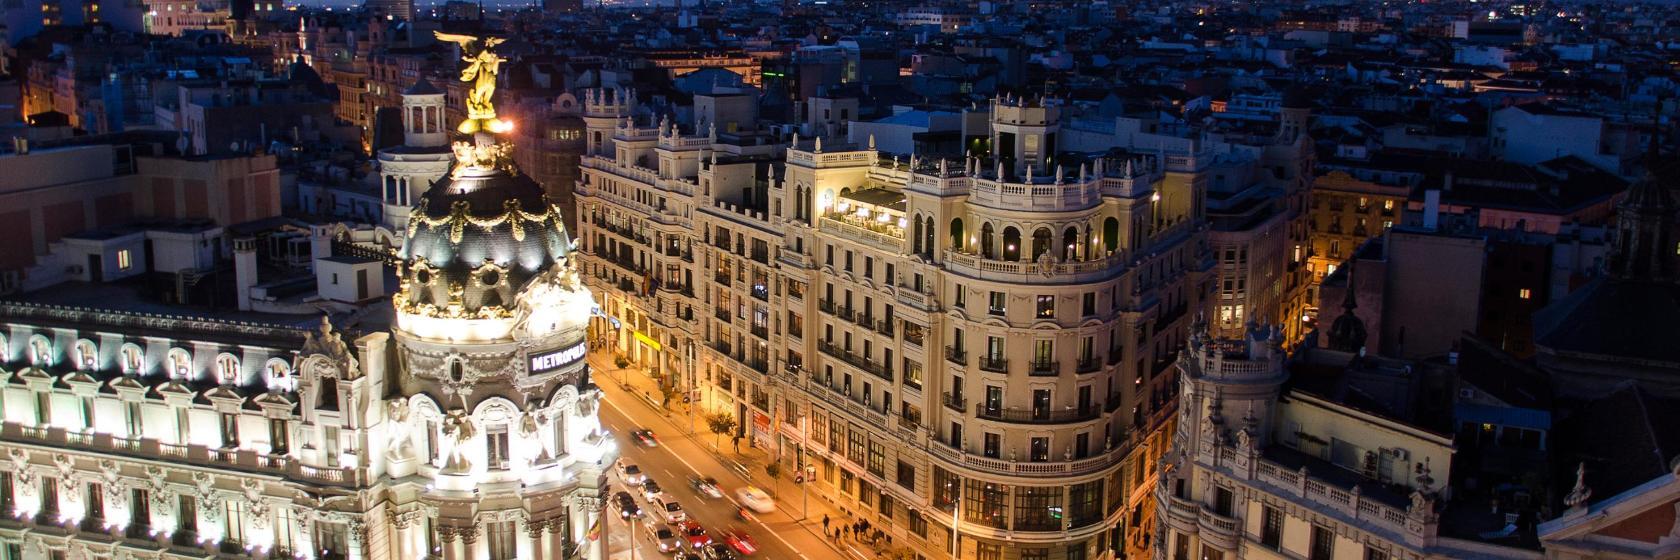 Los 10 mejores hoteles cerca de Gran Vía en Madrid, España